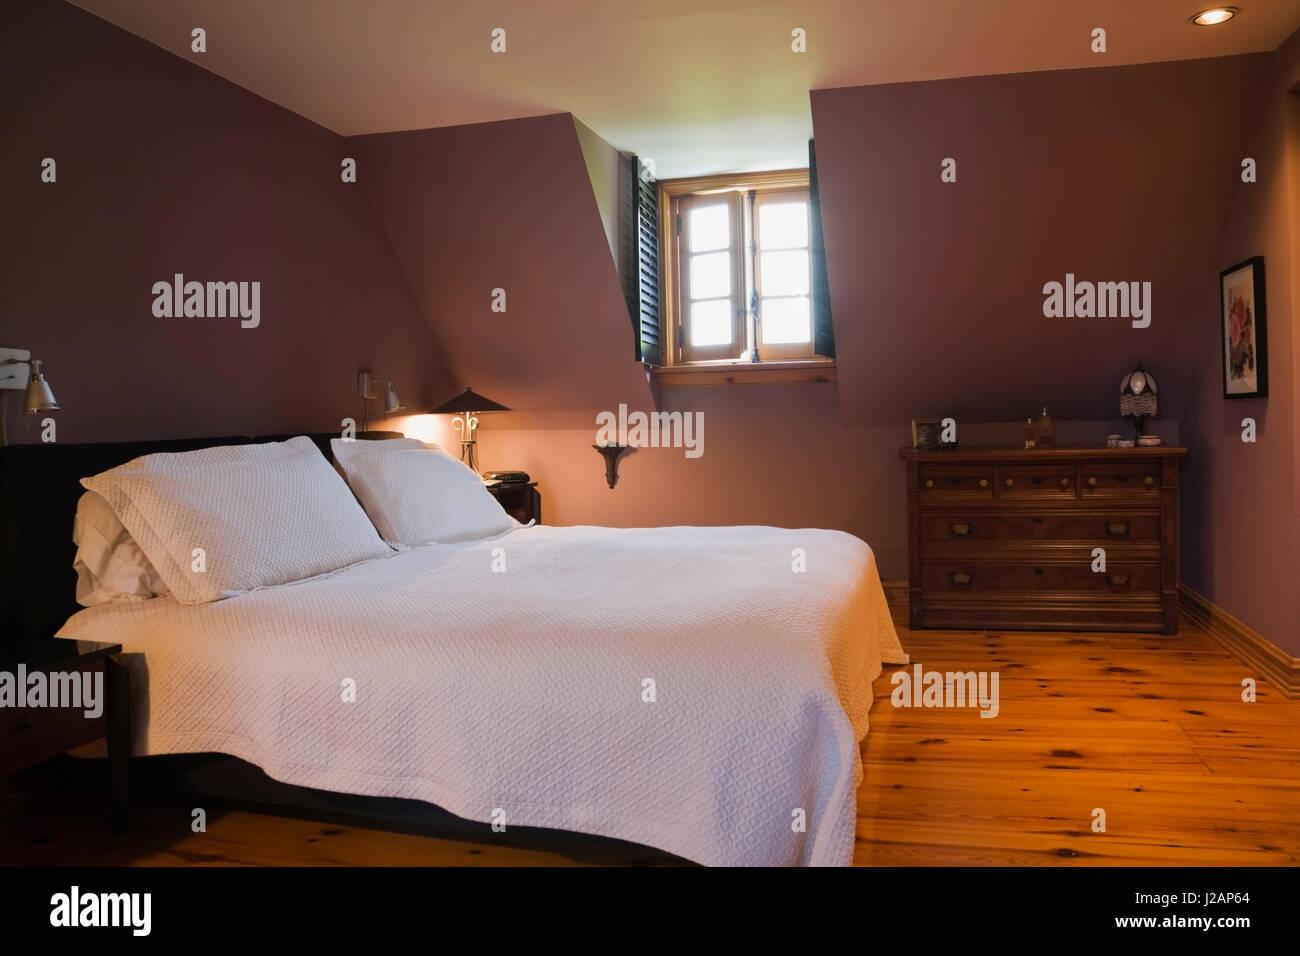 Fußboden Schlafzimmer Lampen ~ Bett und antike hölzerne kommode im schlafzimmer auf der upsatirs